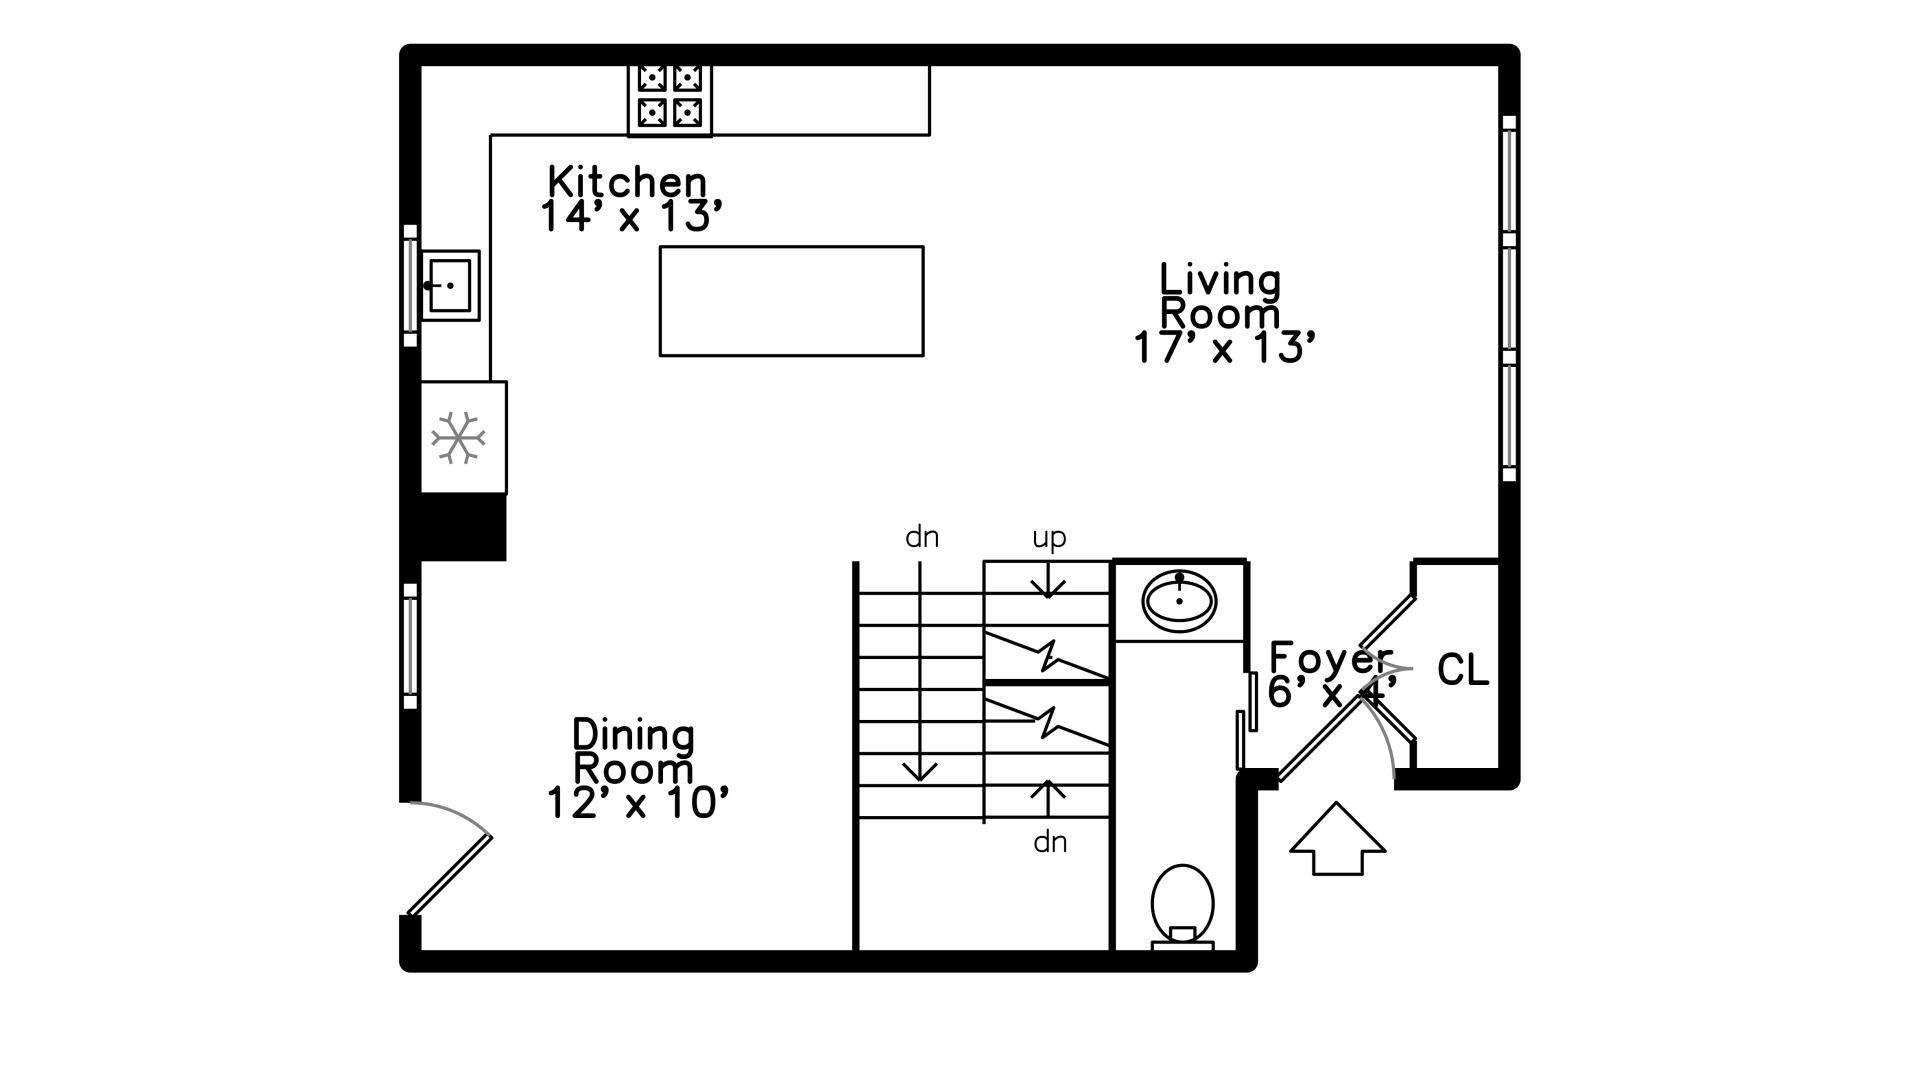 6135 Ravenswood Unit Unit 4 ,Chicago, Illinois 60660